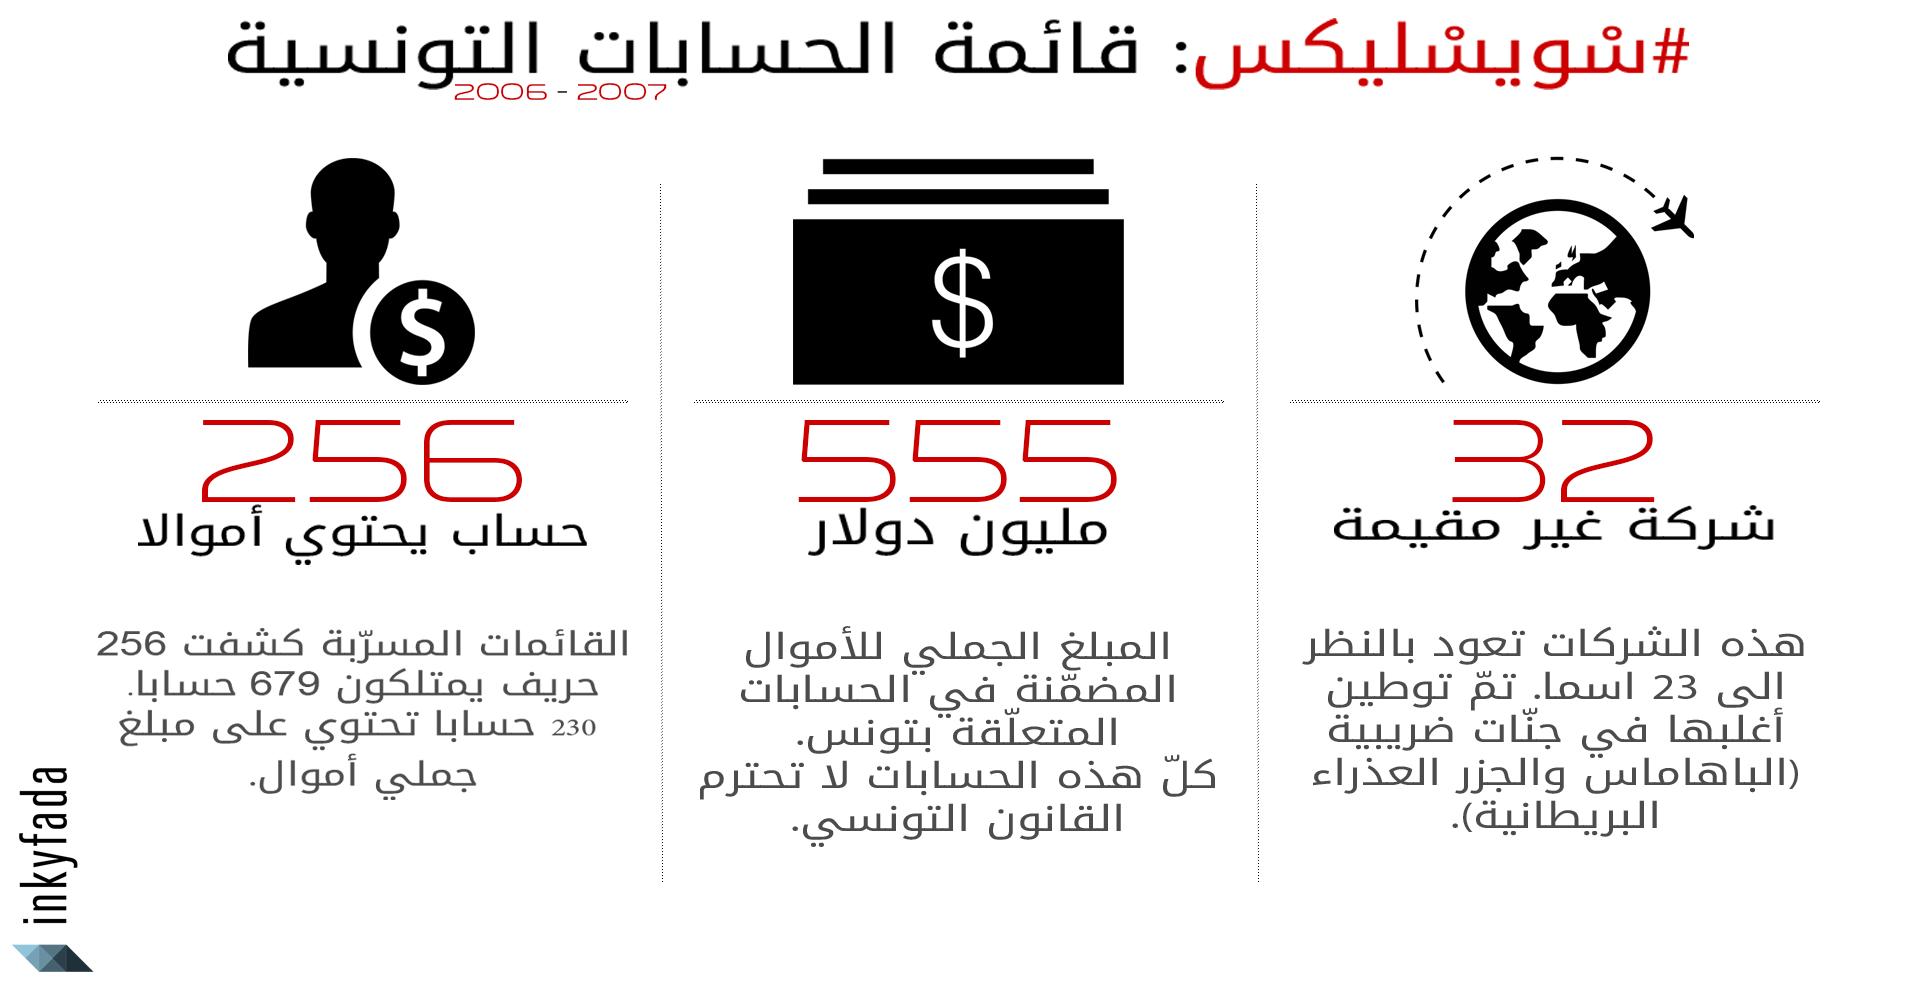 swissleaks-info-generale-arabic-inkyfada